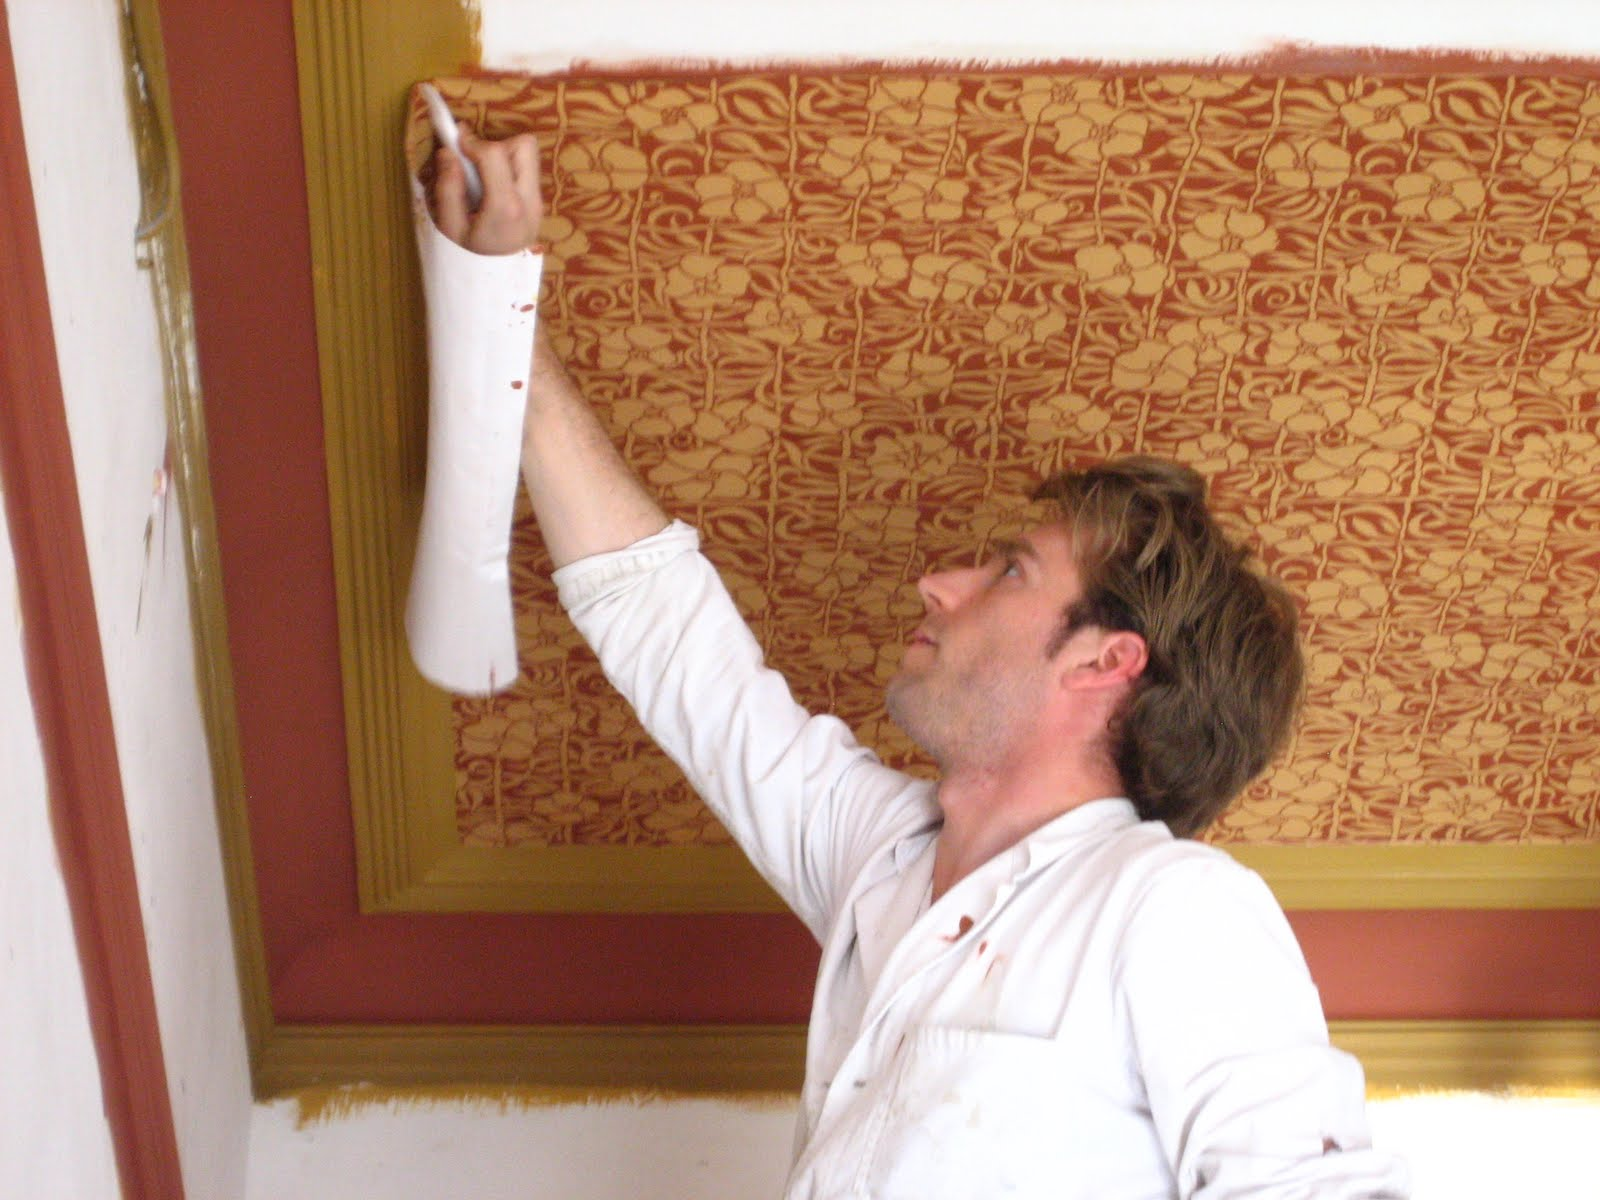 papier peint imitation brique loft dijon particulier cherche artisan pour travaux technique. Black Bedroom Furniture Sets. Home Design Ideas